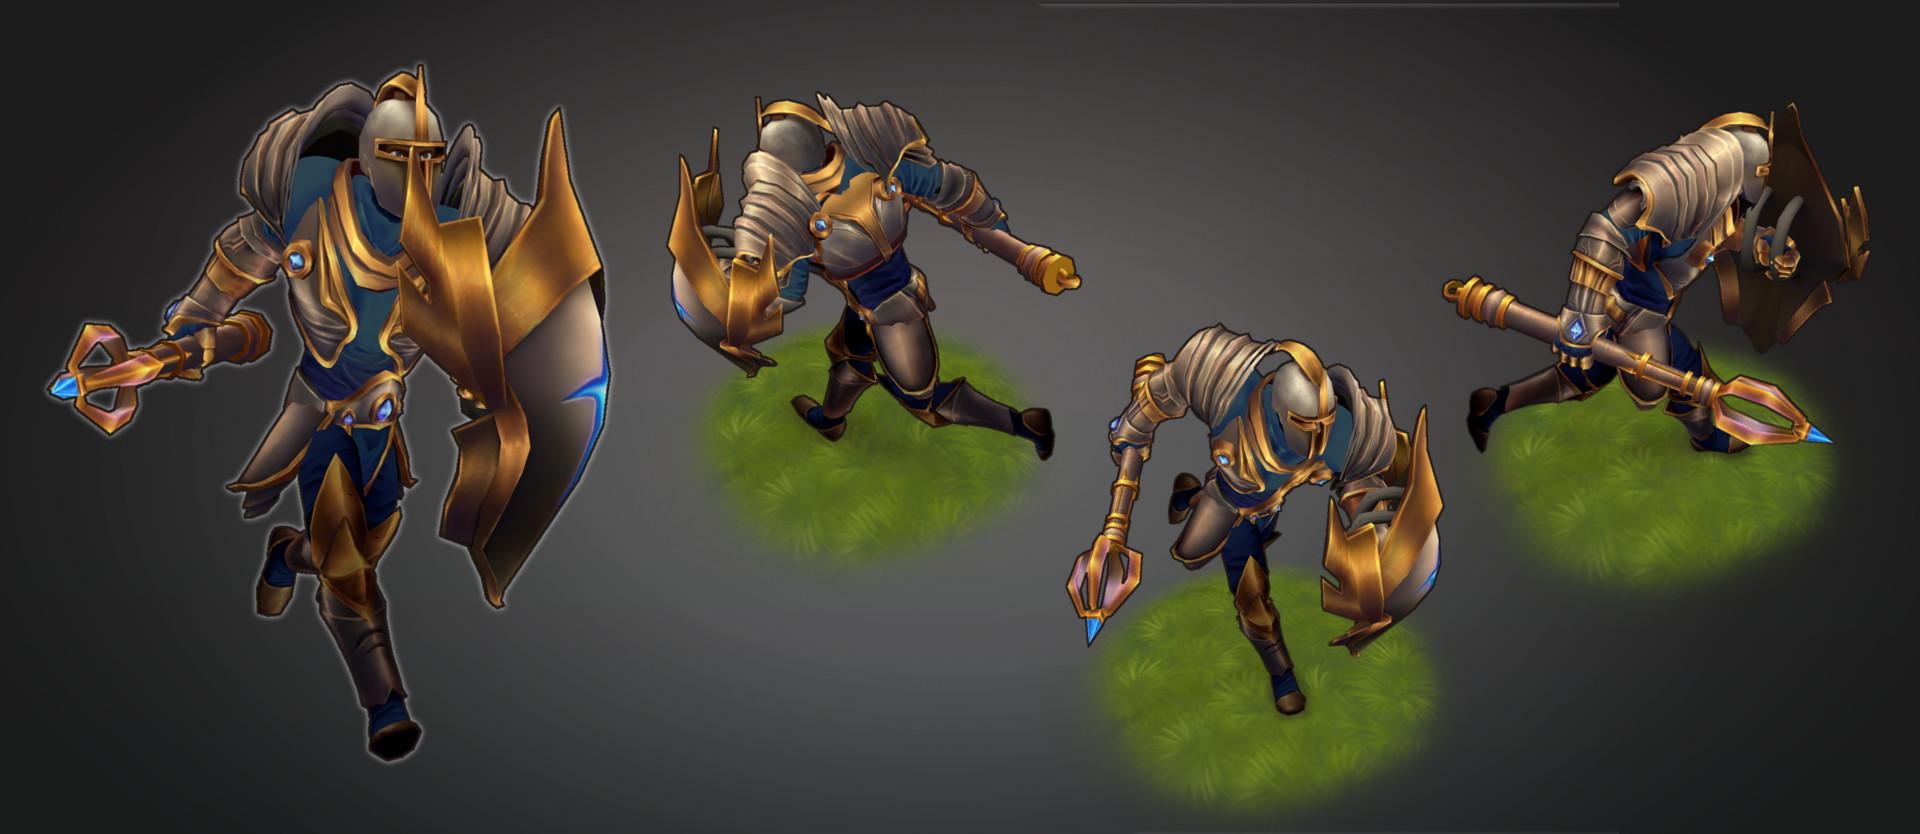 Oberon Warrior